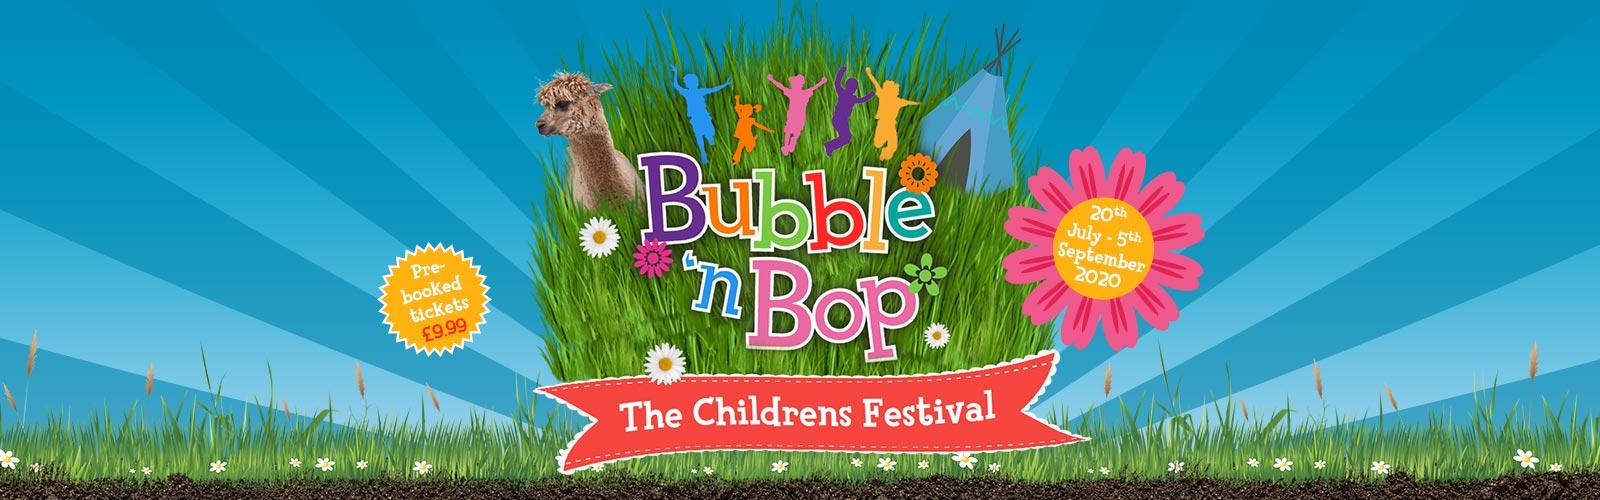 Bubble 'n Bop Children's Festival 2020